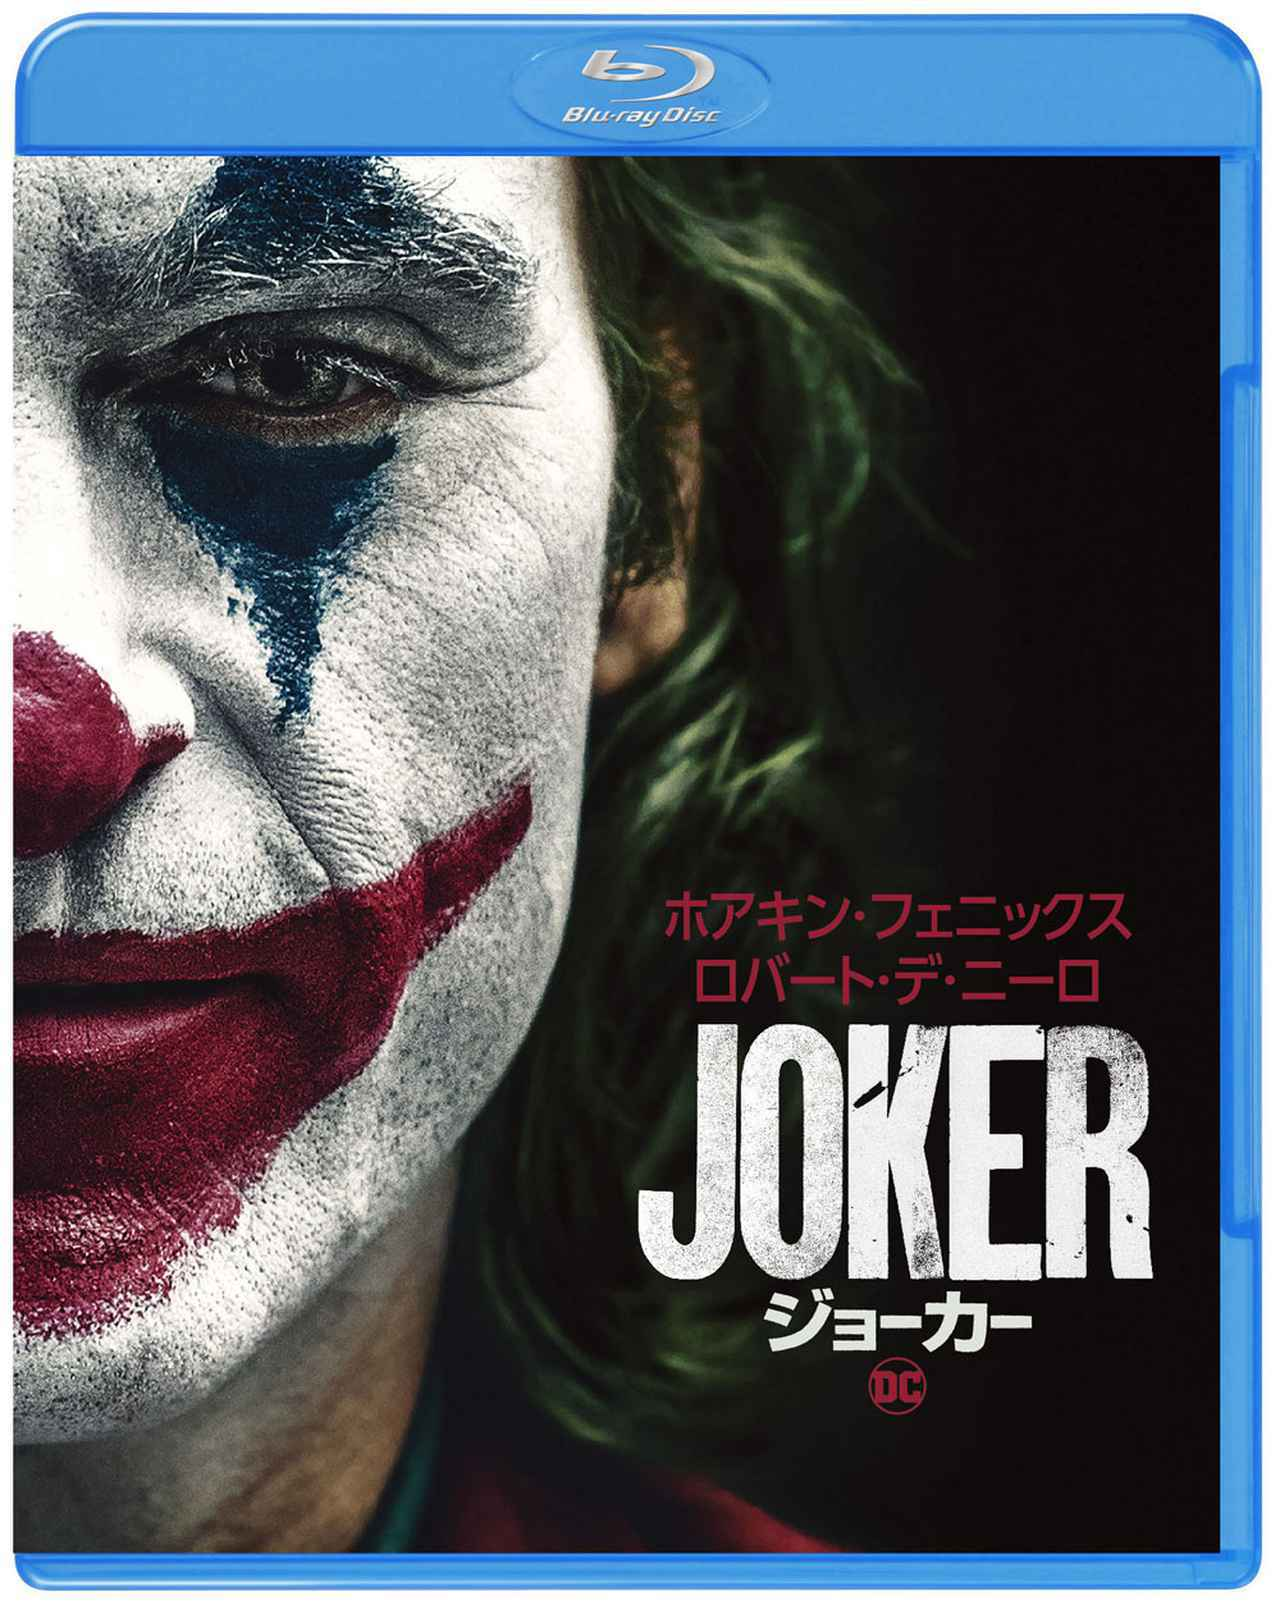 画像3: 『ジョーカー』のブルーレイ&DVDリリース/デジタル配信を記念したトークイベント開催